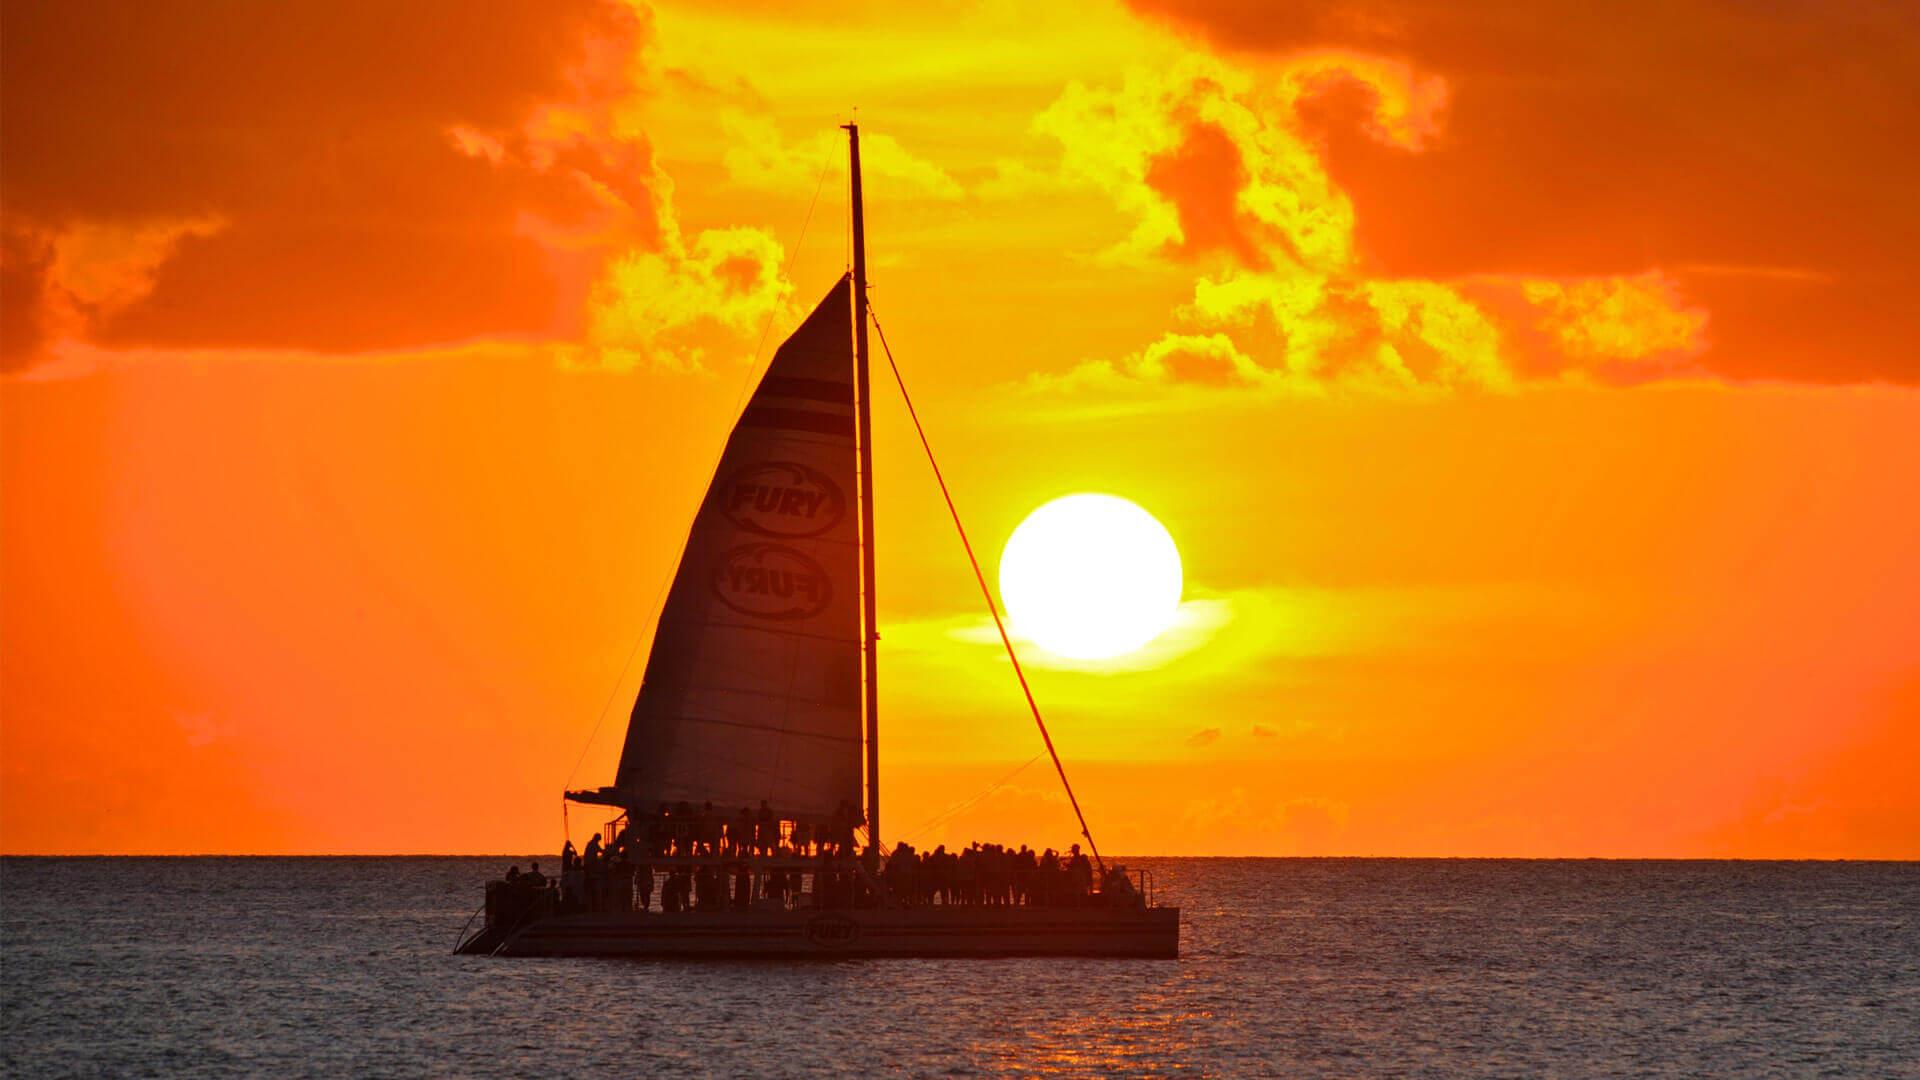 بالصور جمال غروب الشمس , من اجمل المناظر الطبيعية 3849 9